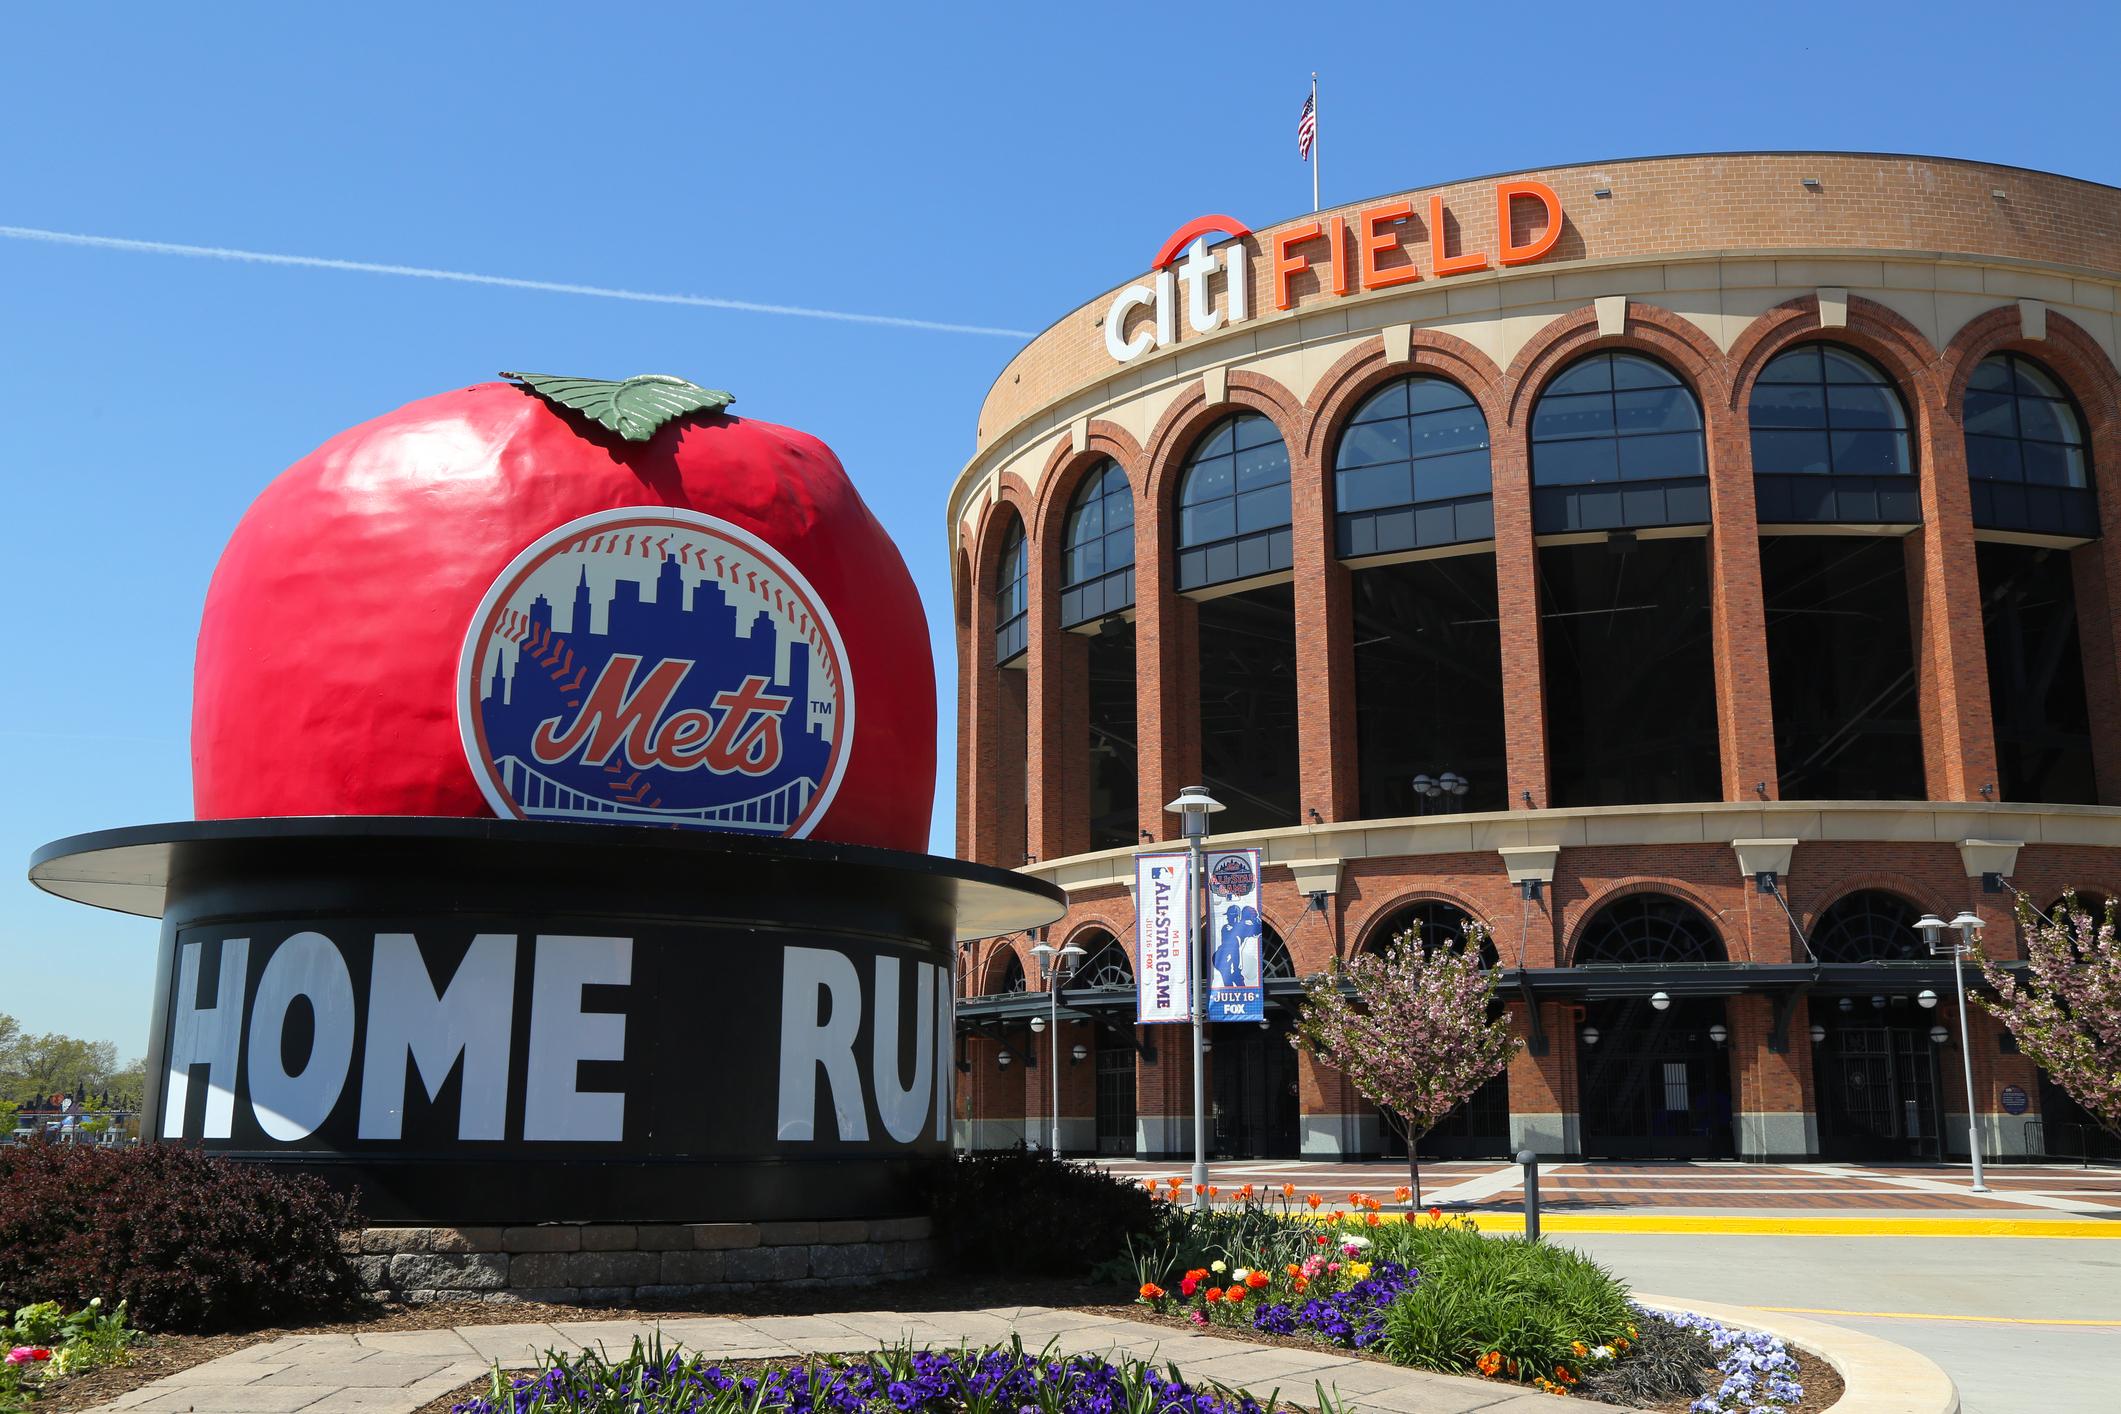 Citi Field in Queens, New York